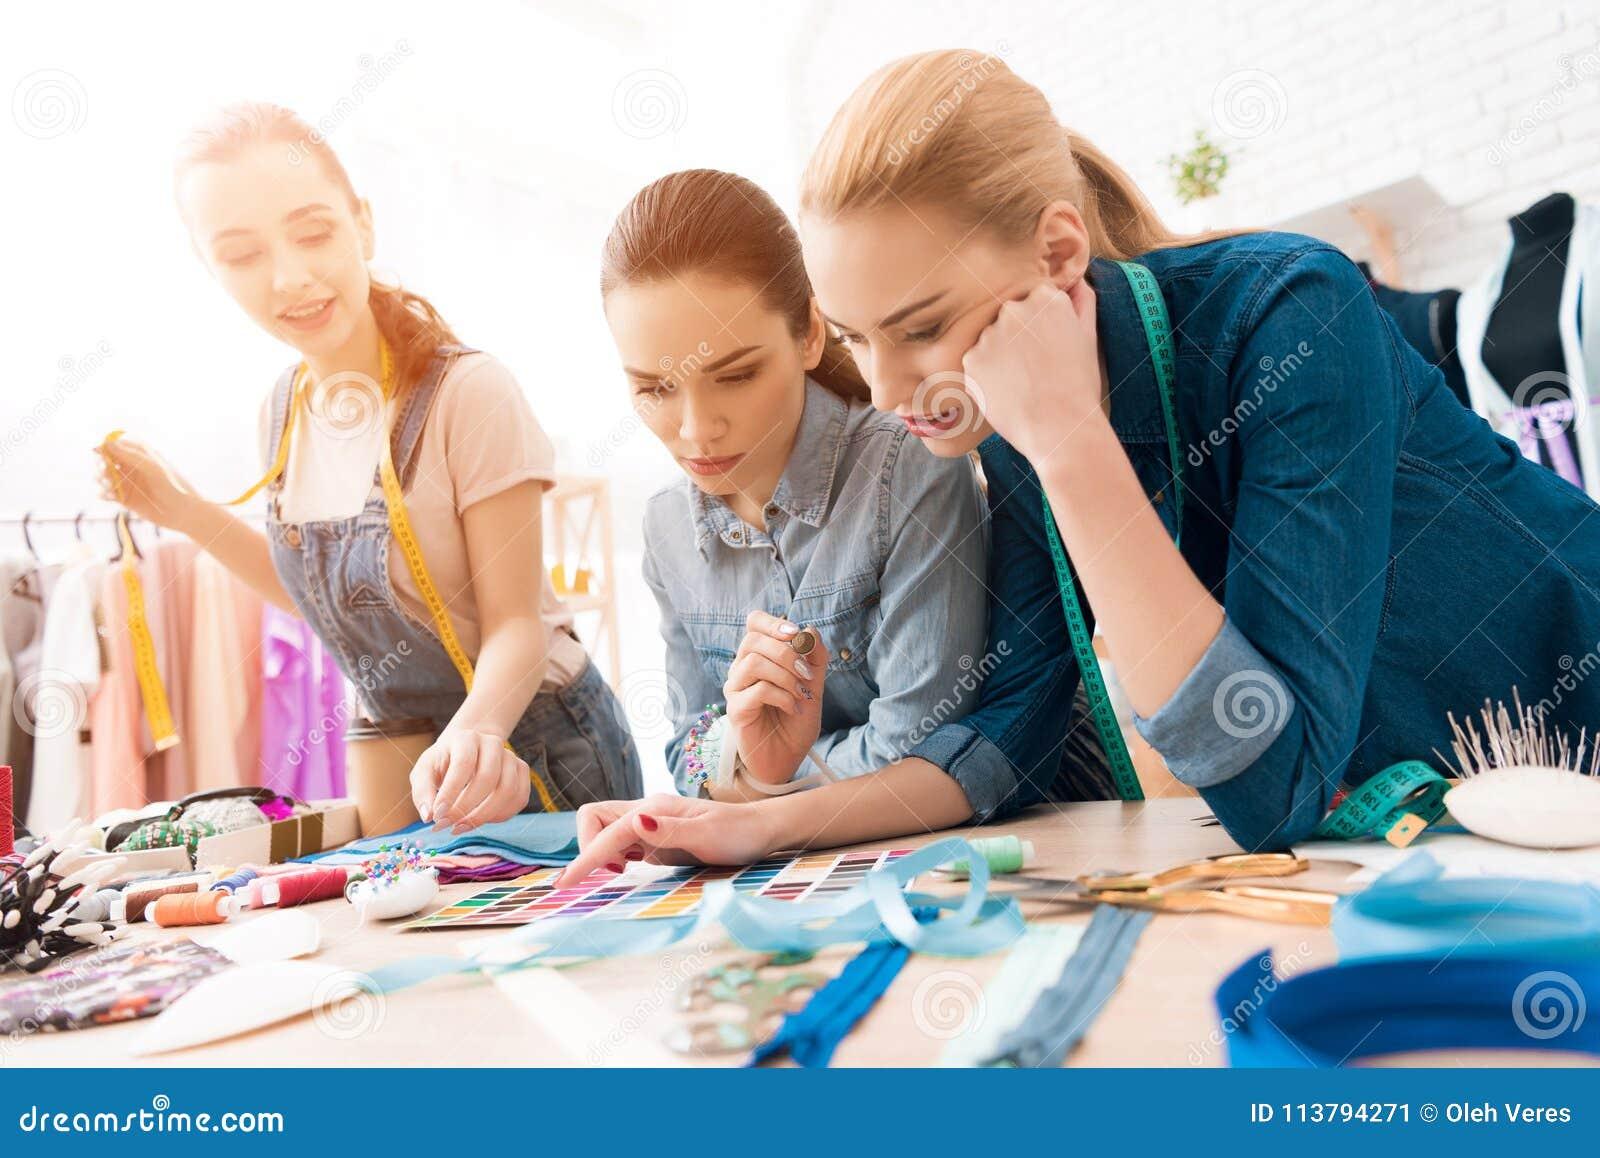 3 девушки на фабрике одежды Они выбирают цвета для нового платья